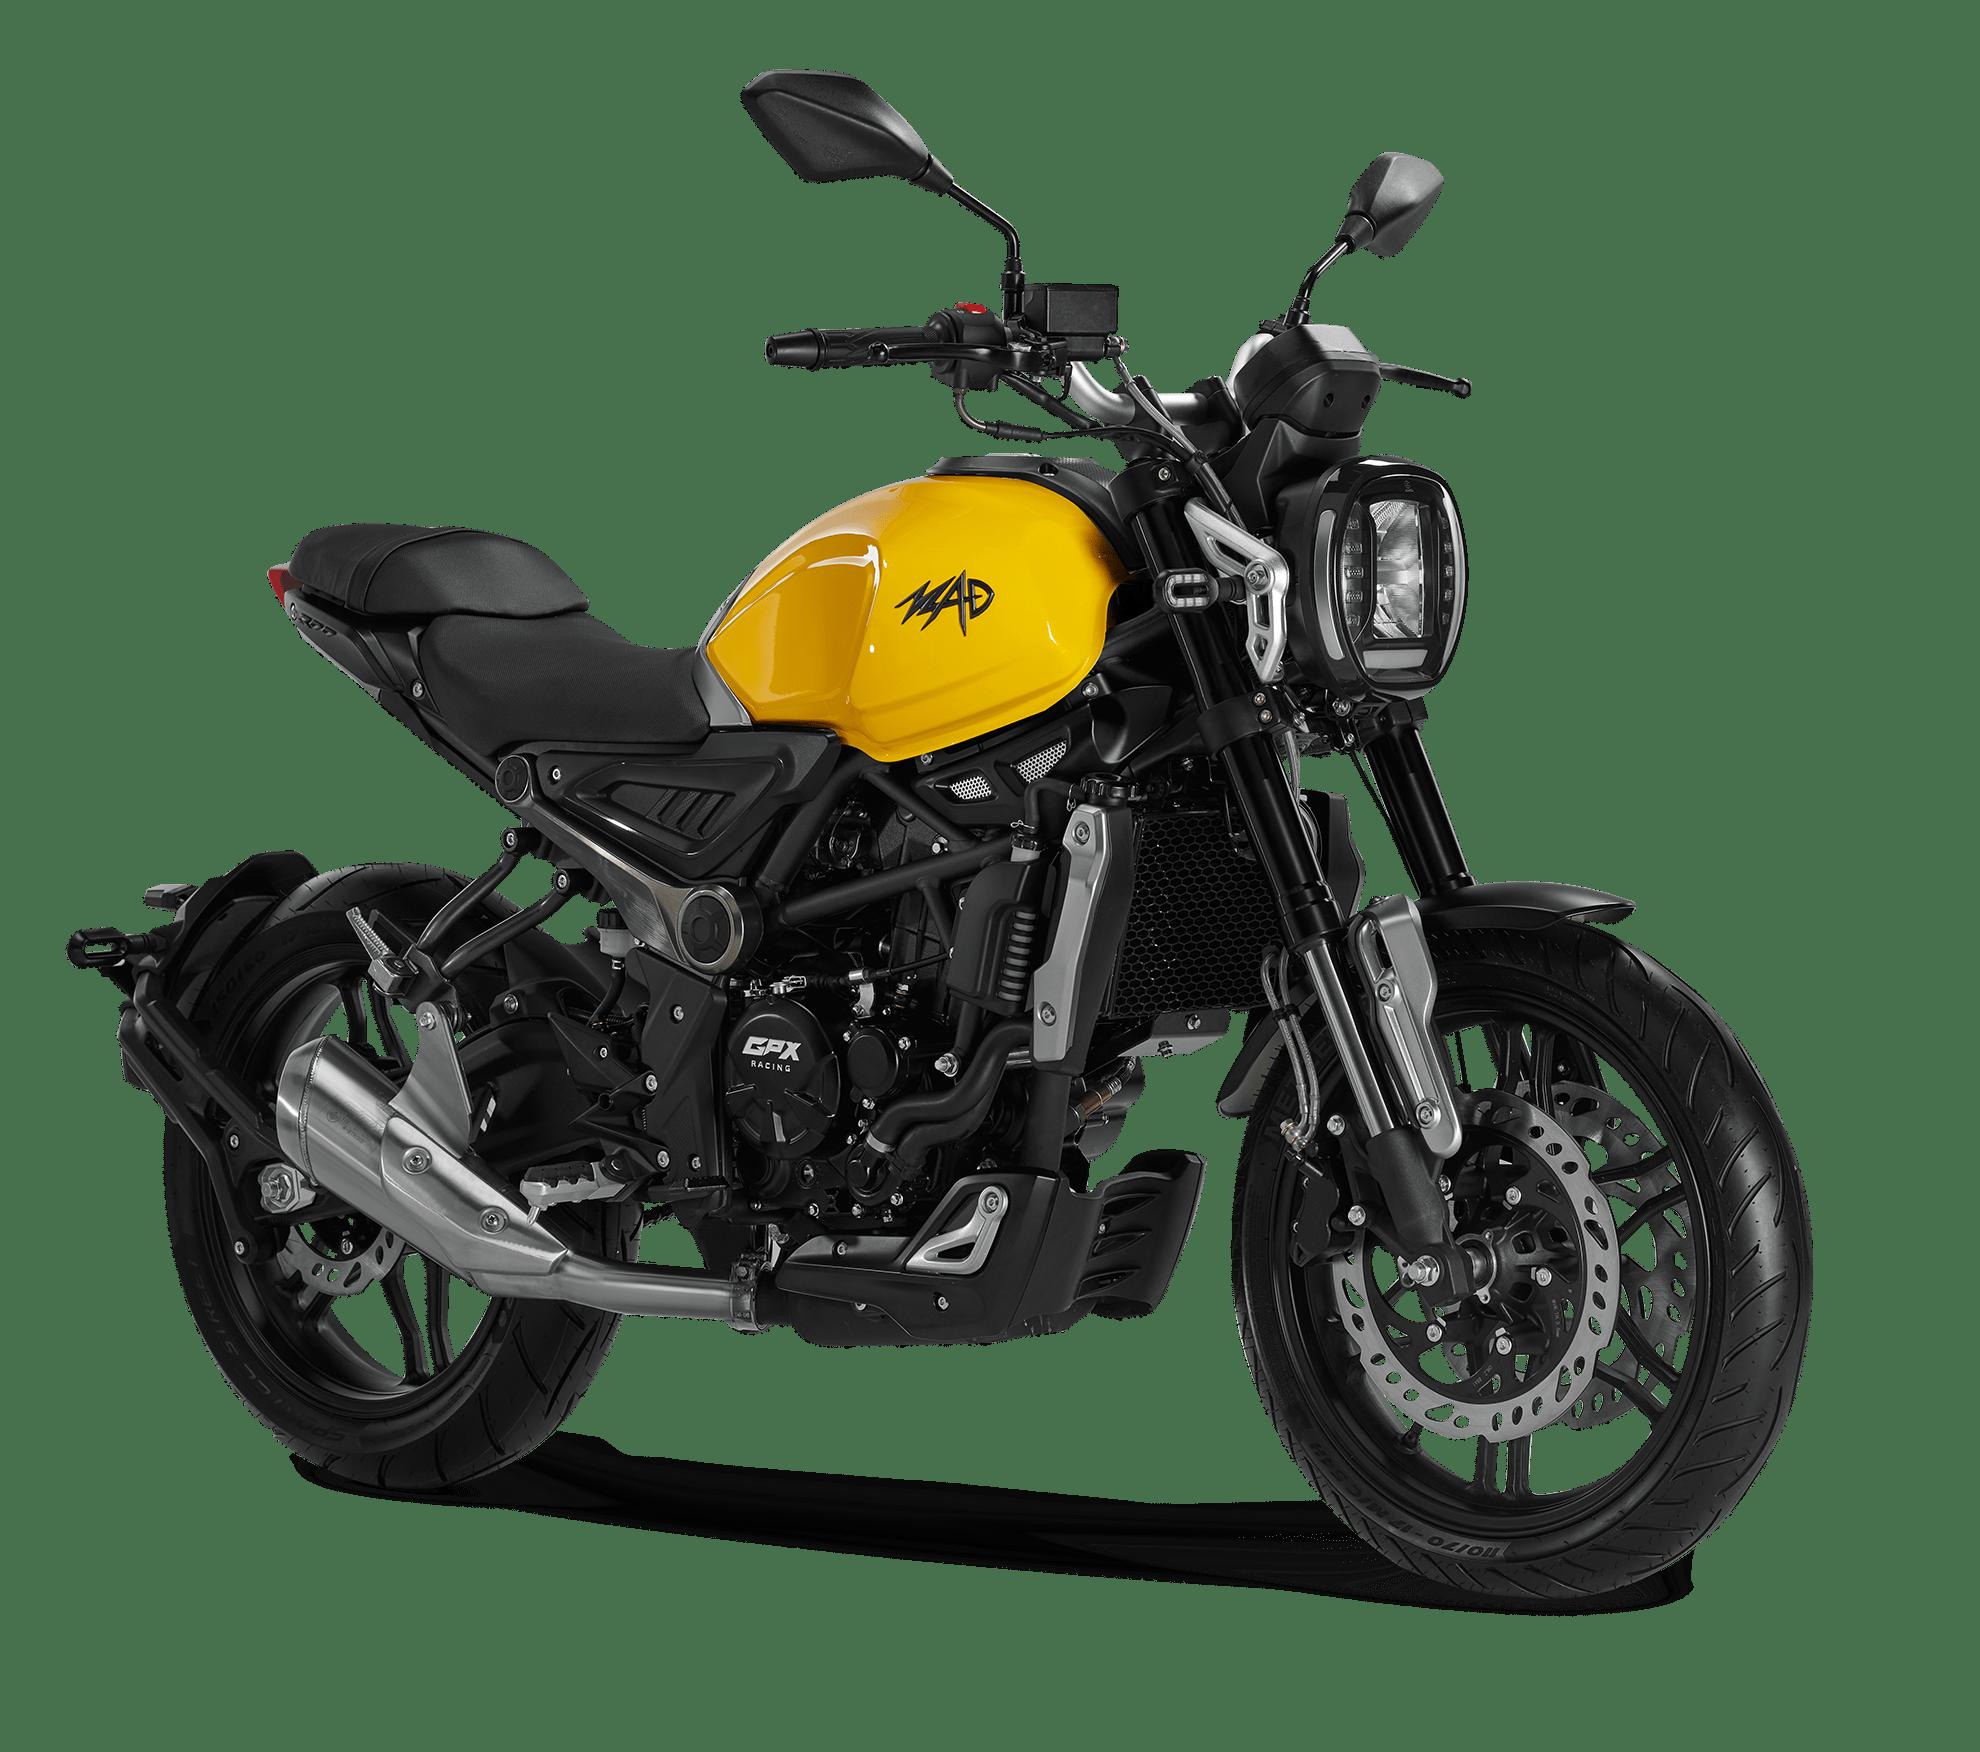 Xe moto gpx mad 300 màu vàng sẽ về VN